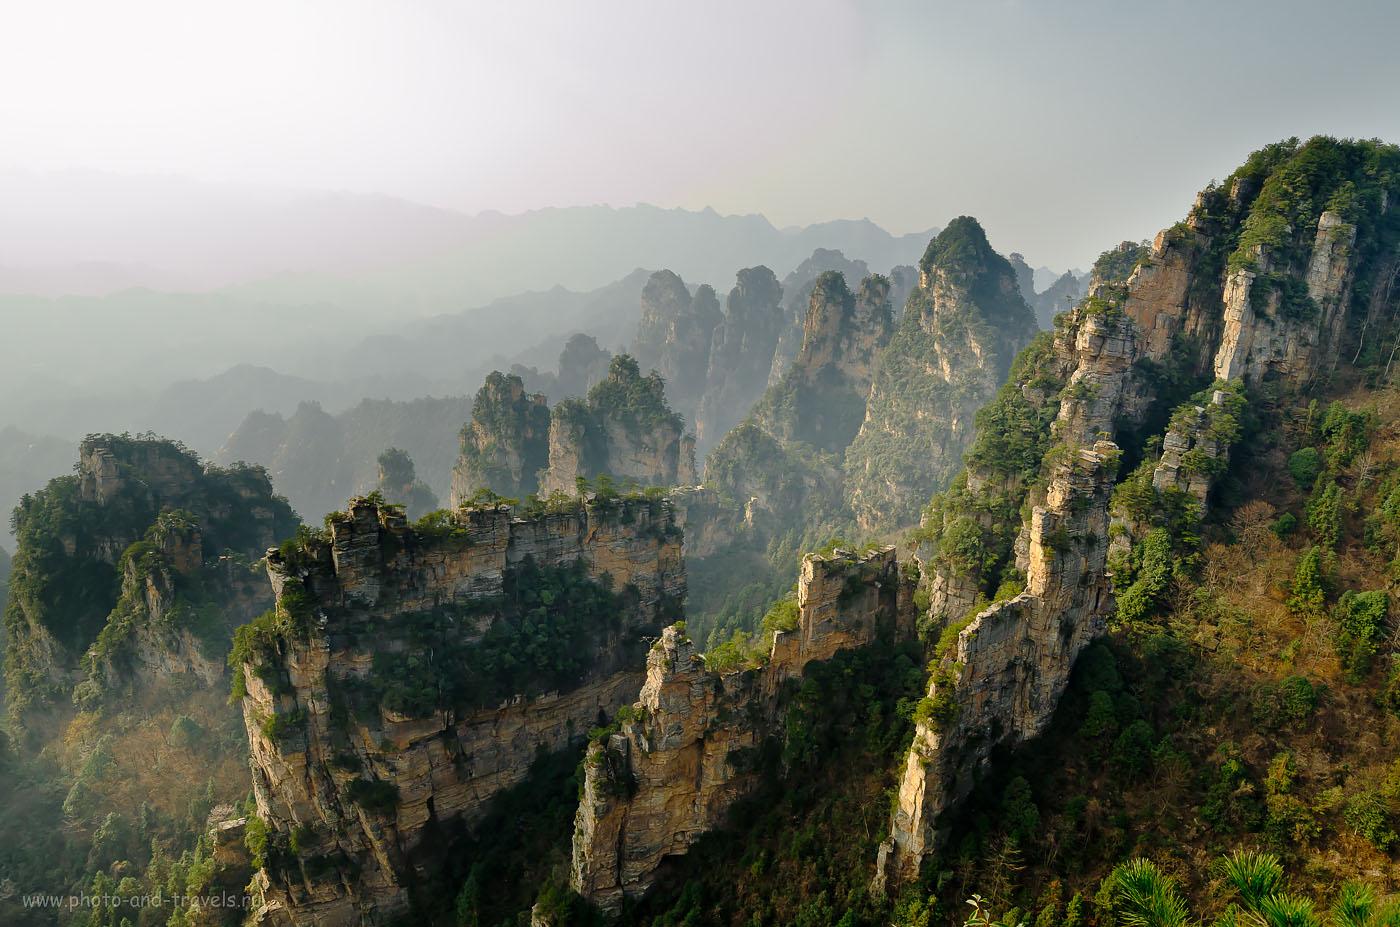 26. Одно из самых восхитительных мест на Земле - горы Чжанцзяцзе в Китае. Не поверите, но лично стоял на краю вот такой скалы и снимал этот пейзаж!